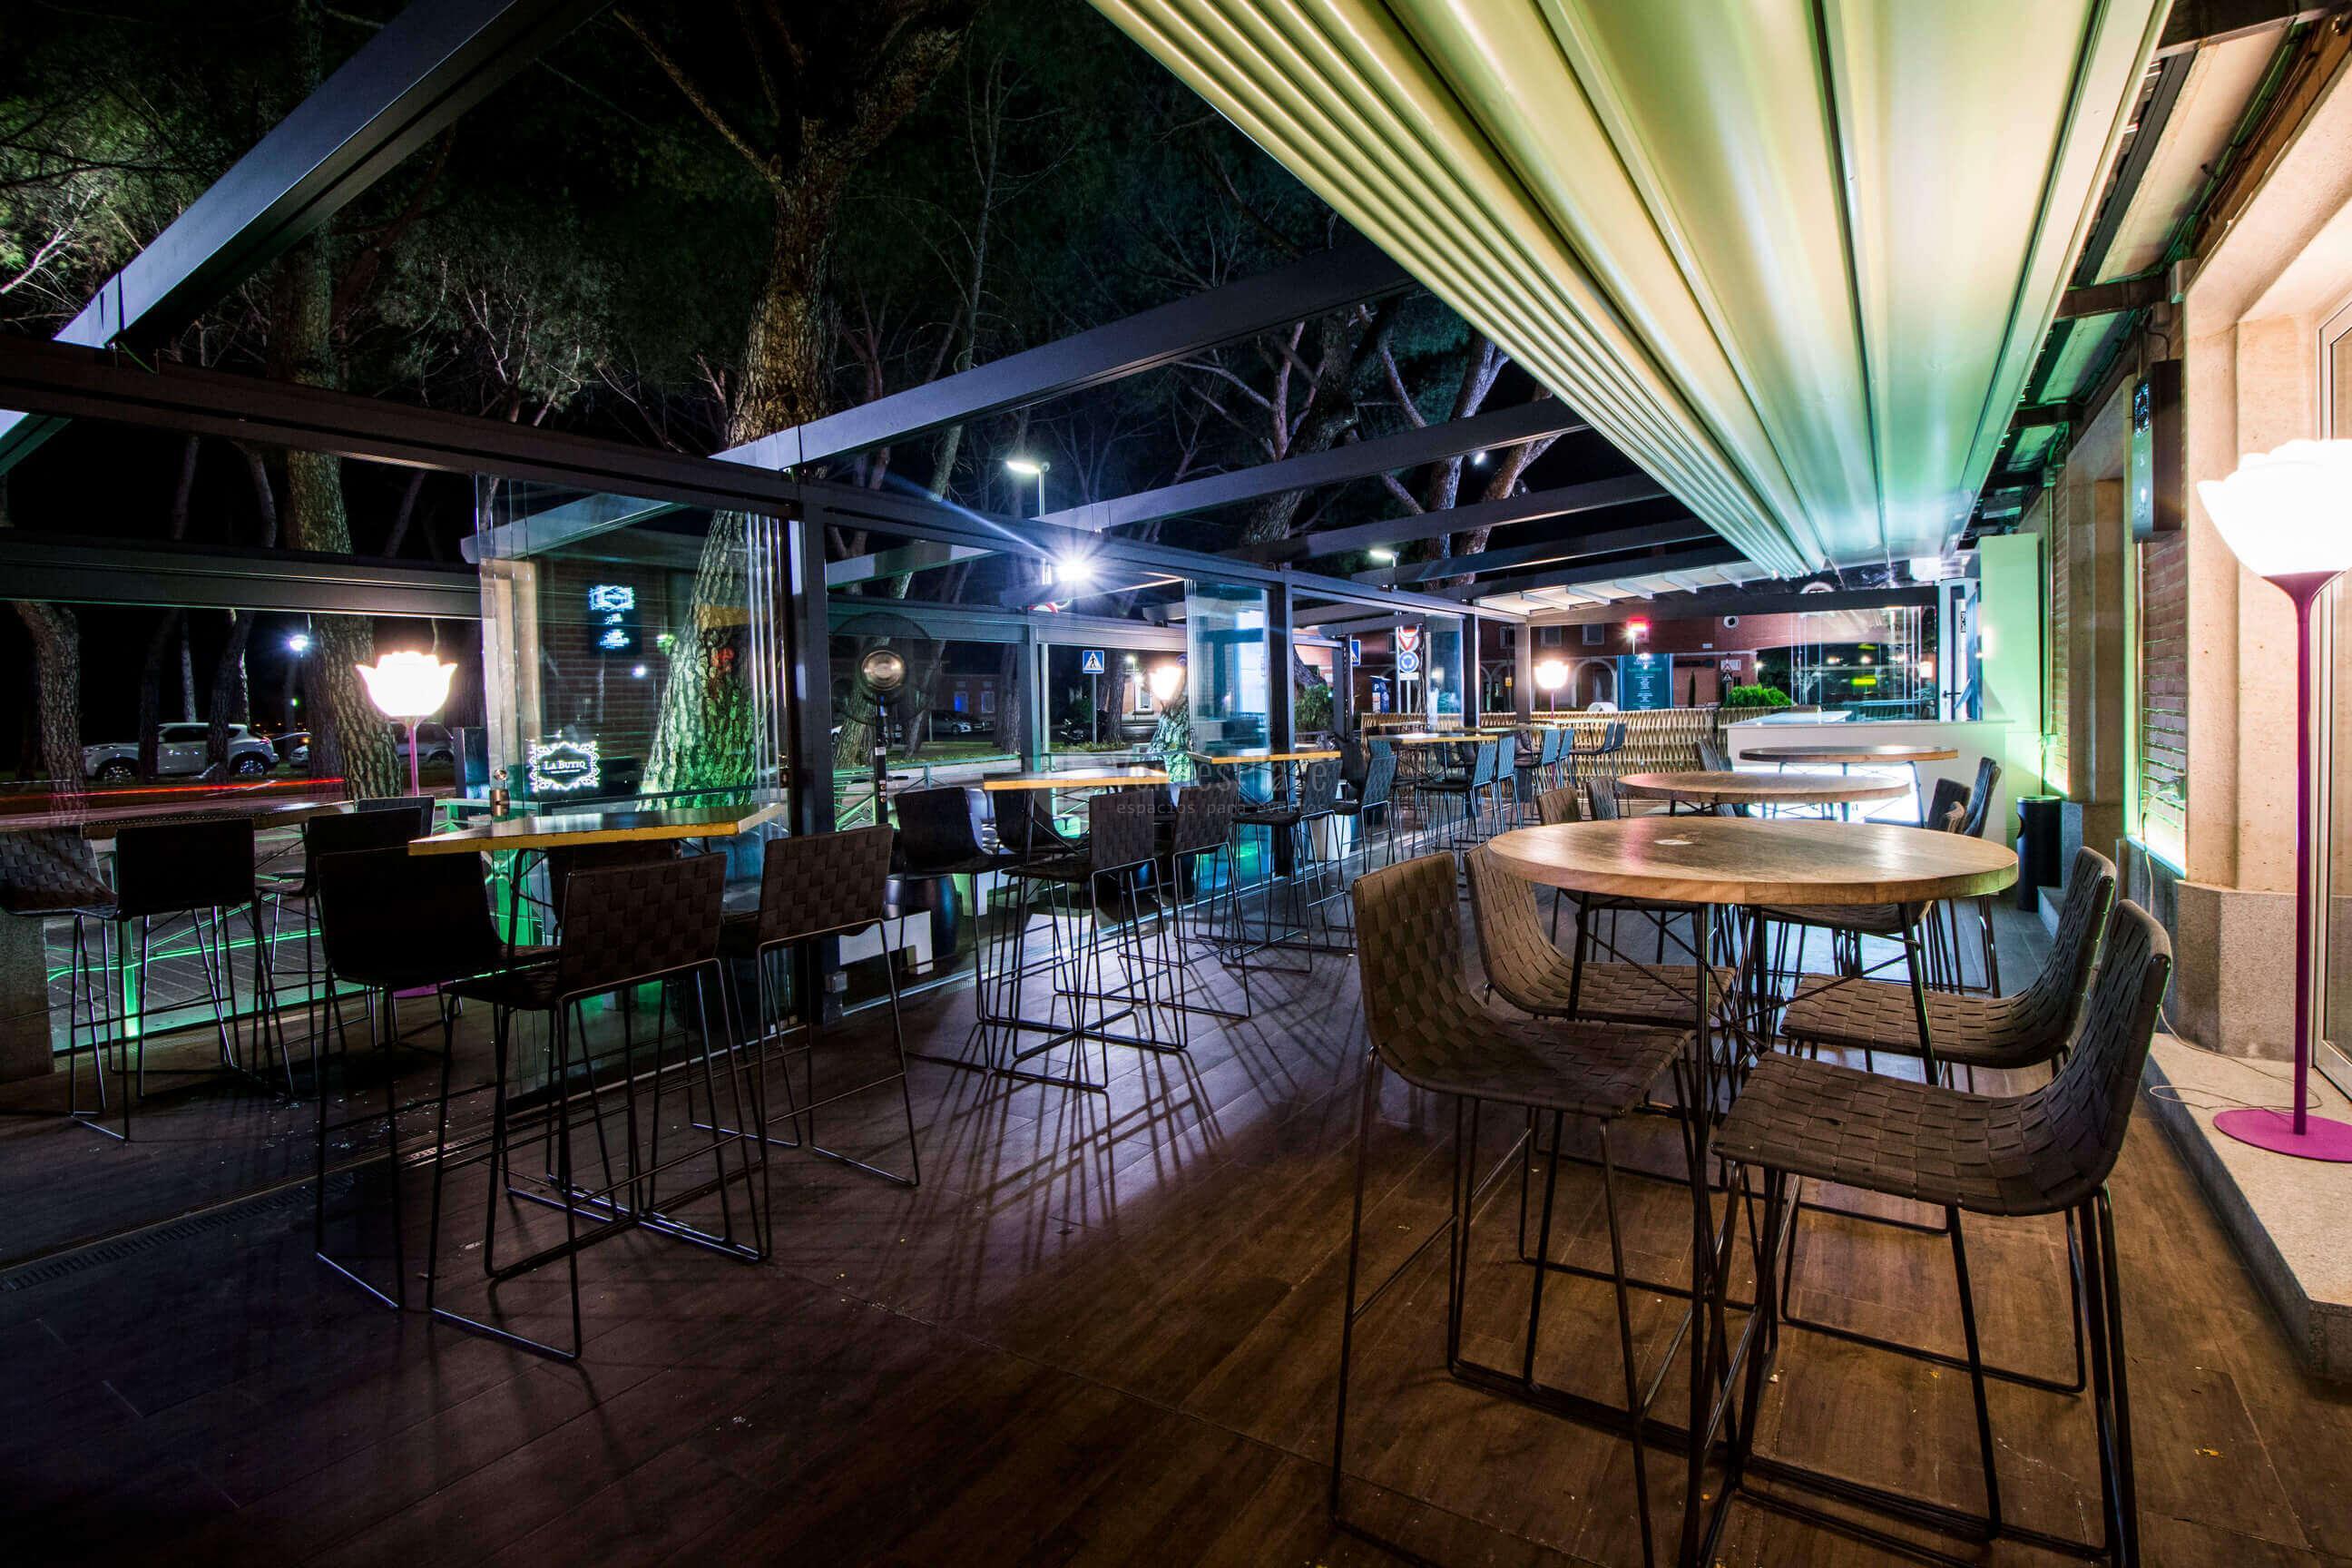 La butiq chill out terraza grupo la m quina eventos for El jardin de la maquina pozuelo